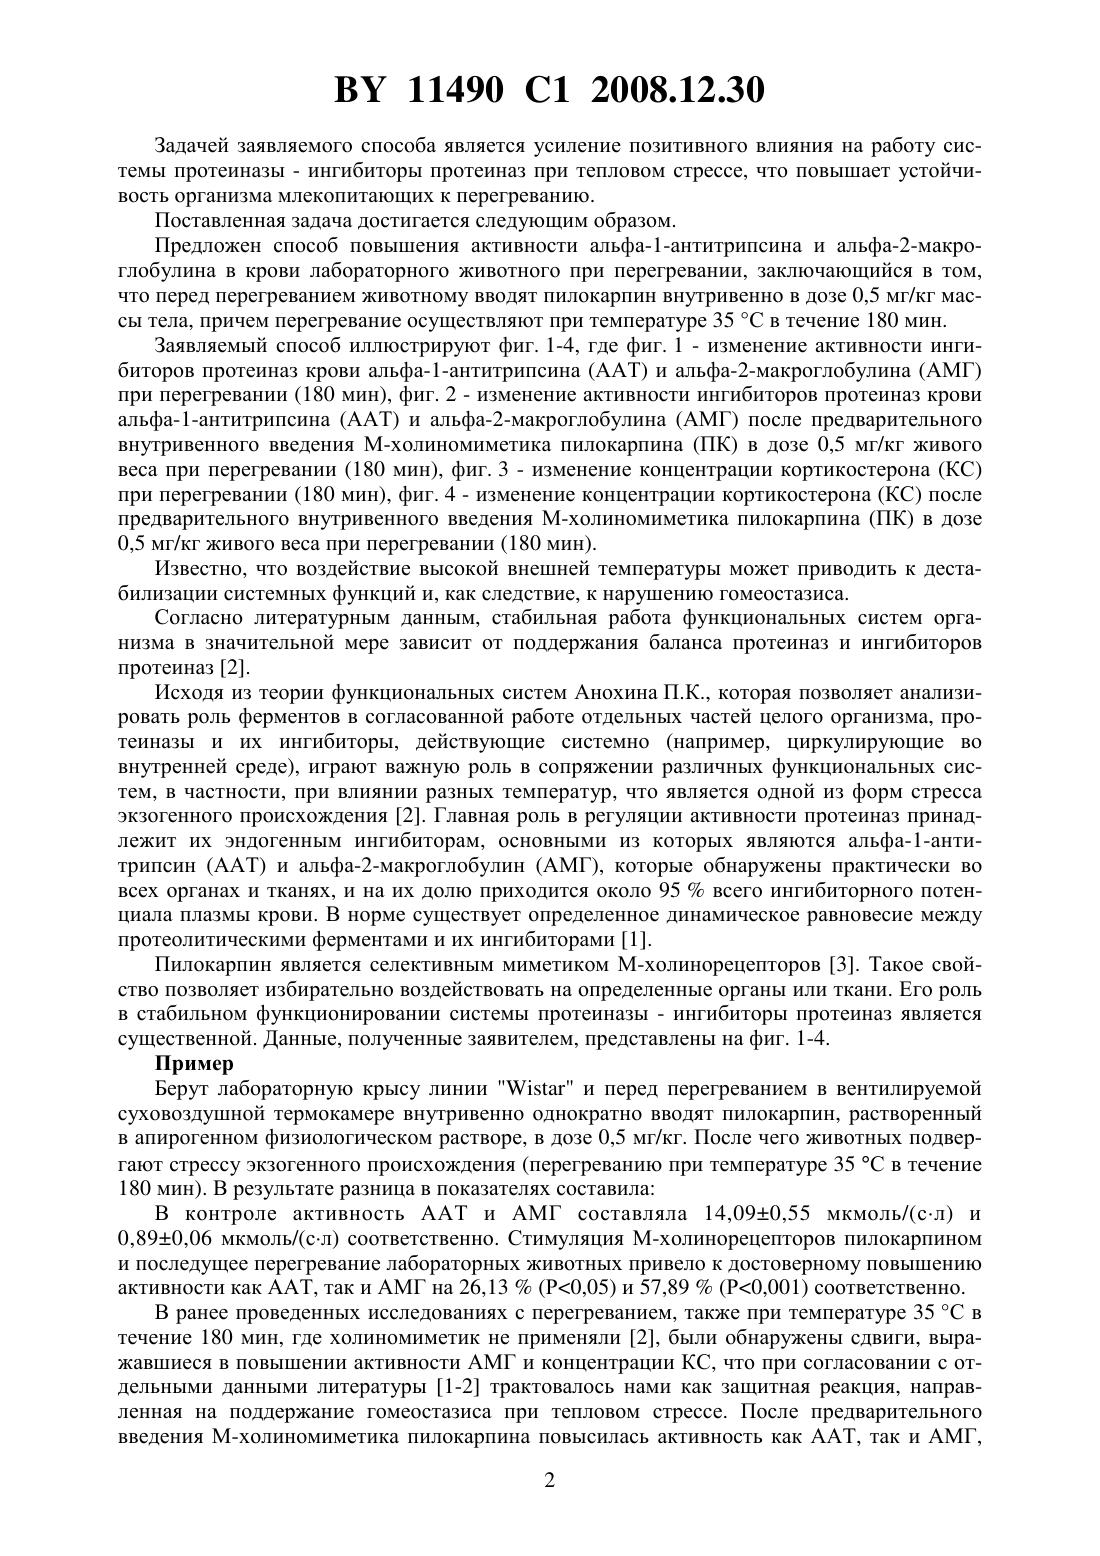 Макроглобулин